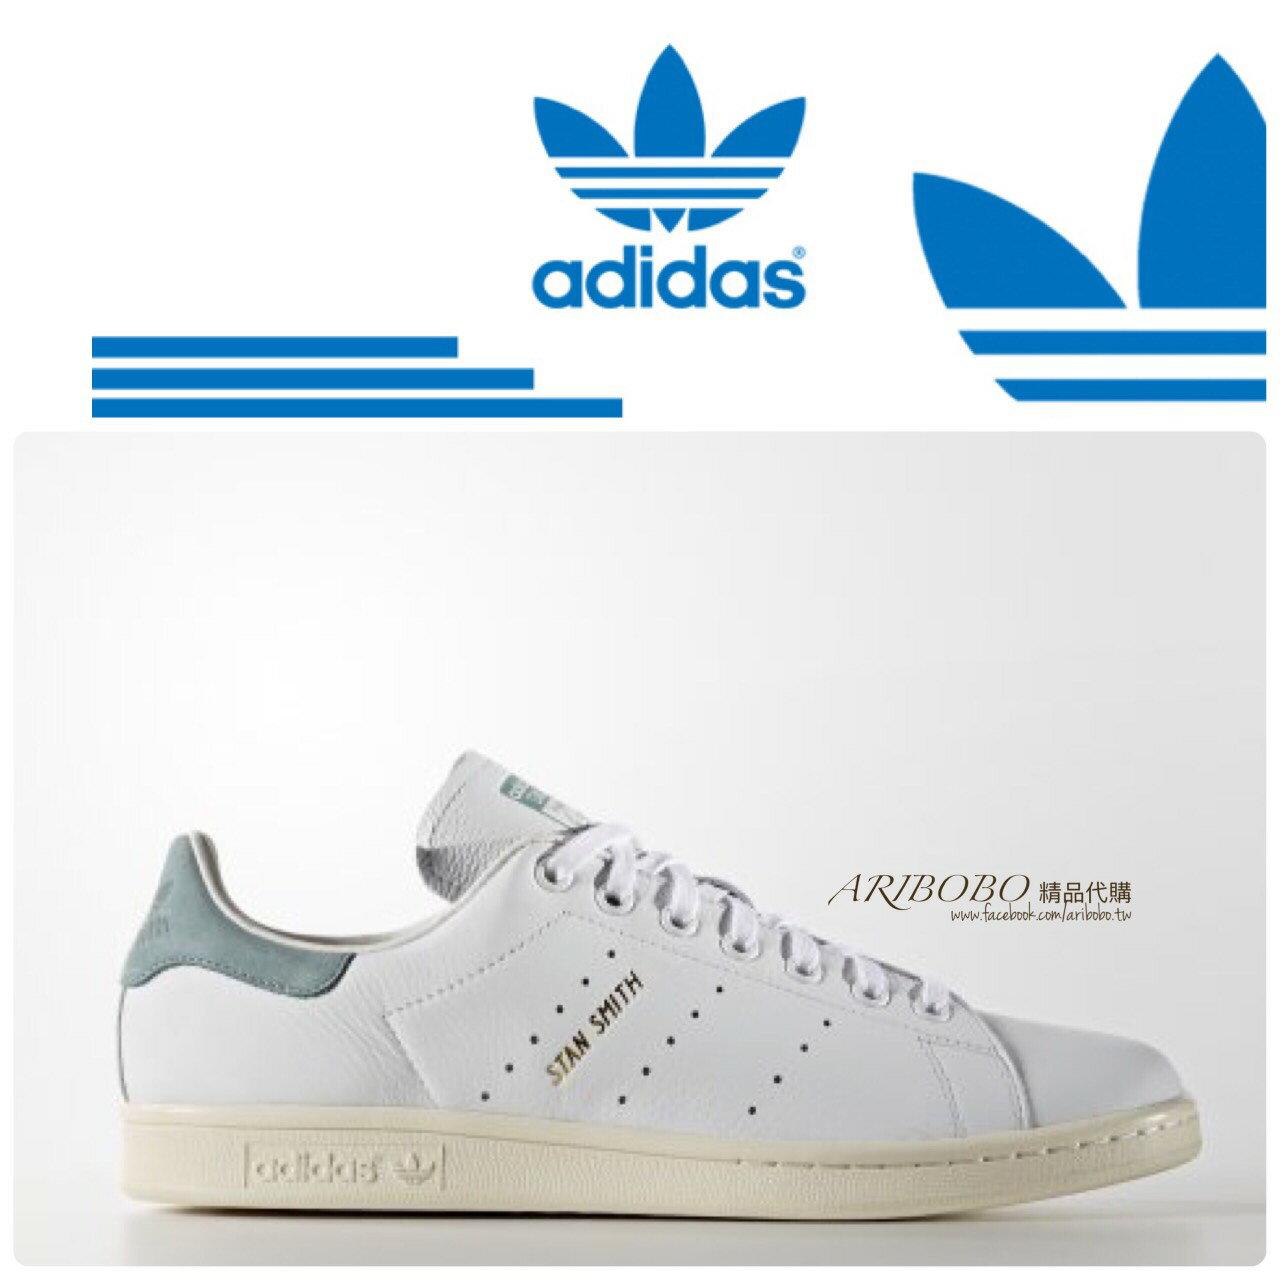 艾莉波波【adidas】愛迪達 Stan Smith X 2016新色 S80024  S80025 S80026(版型偏大,建議小半號唷)精品 代購 2